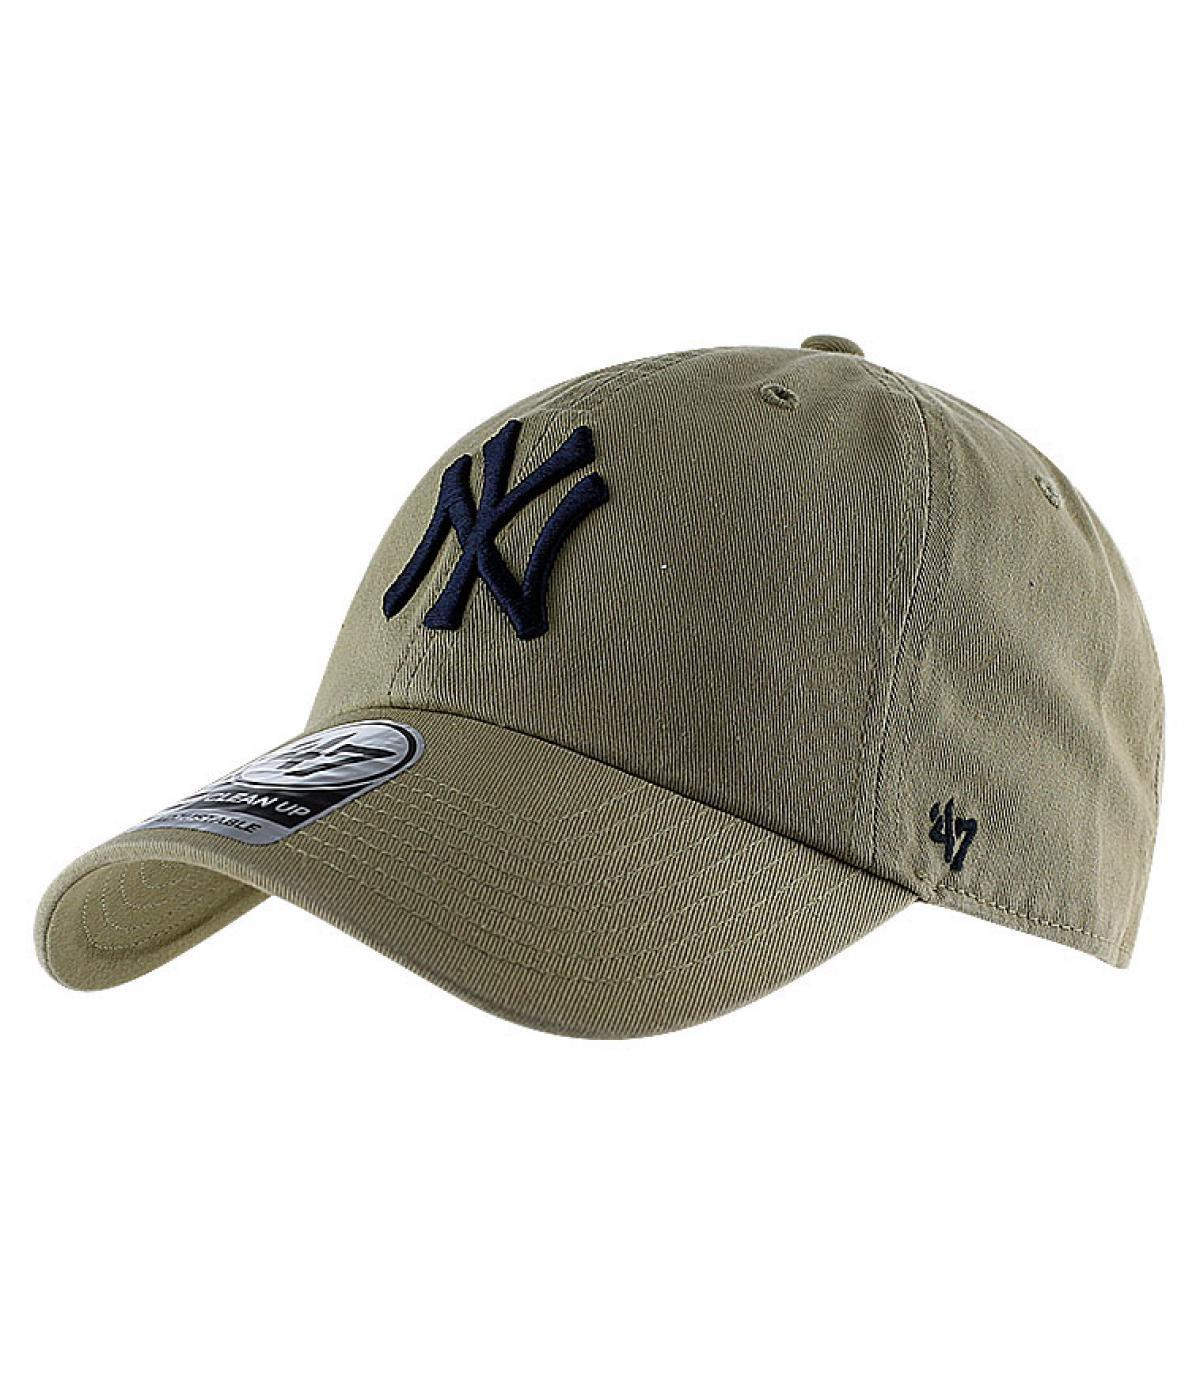 Casquette visière courbée NY beige